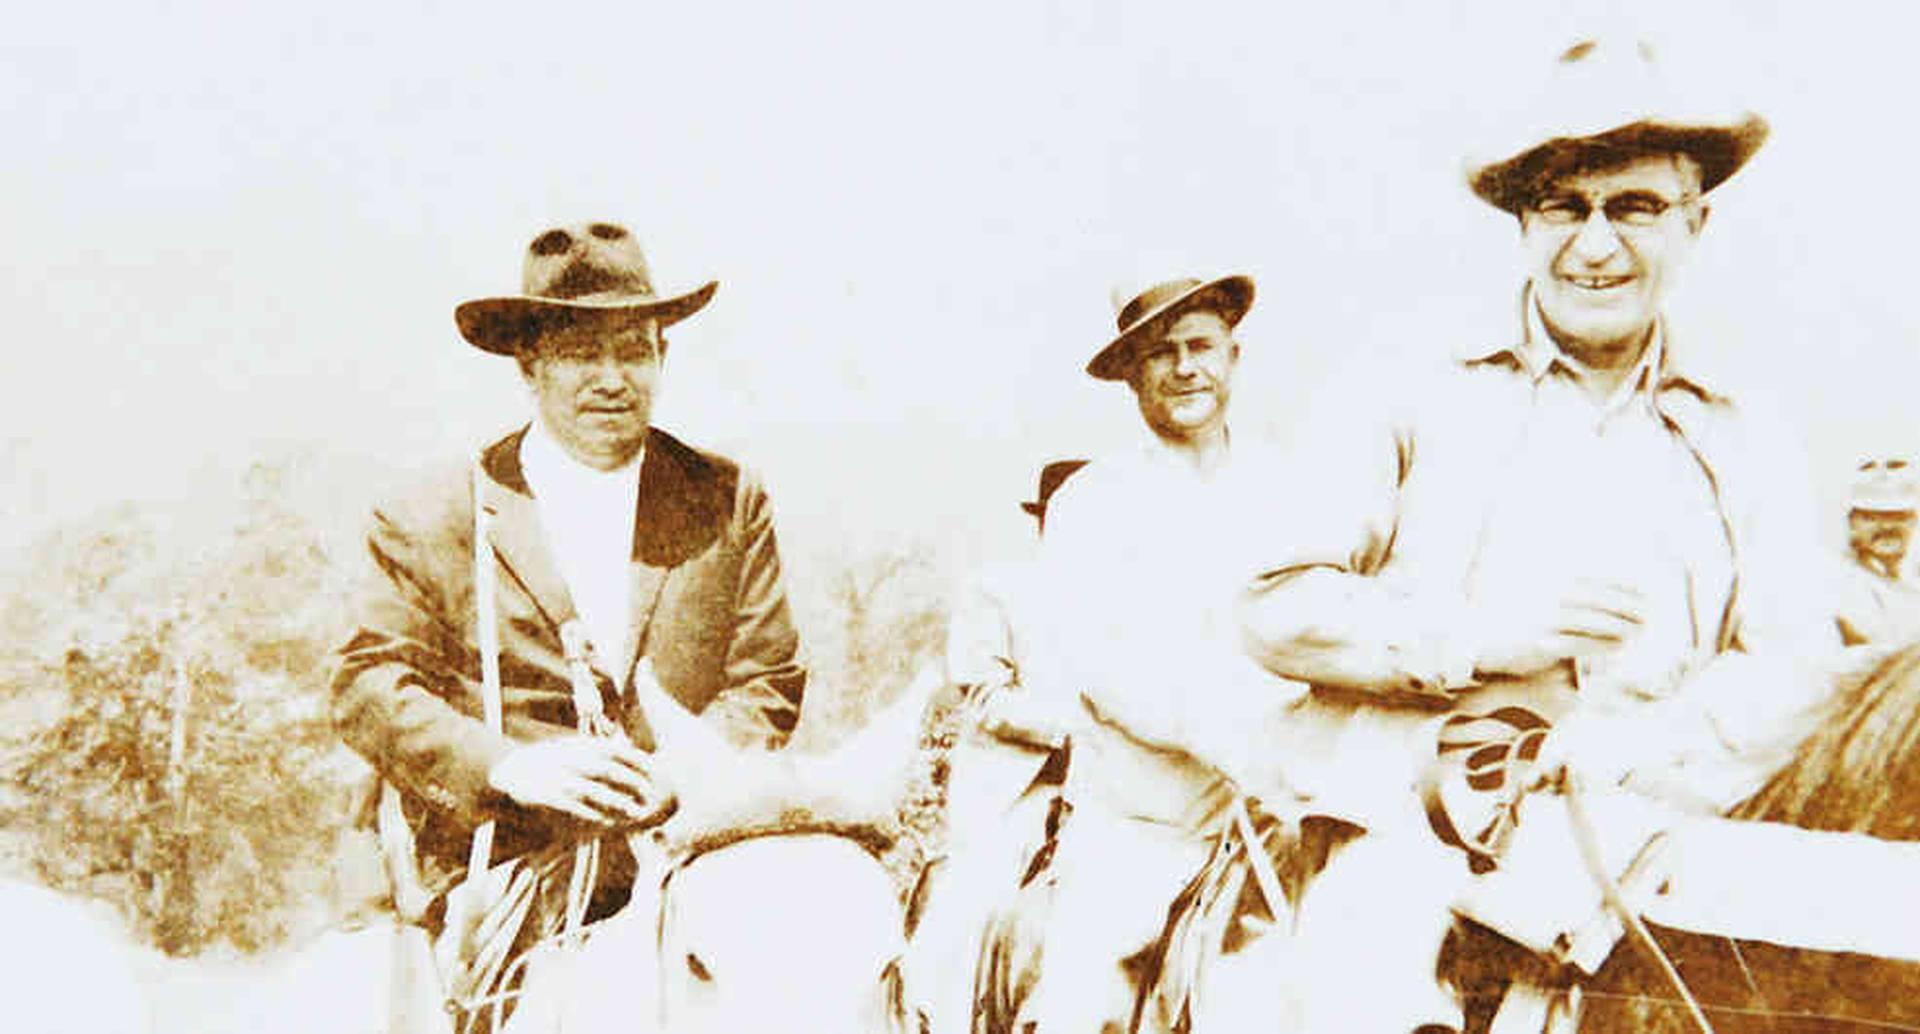 De izquierda a derecha: Alfredo Sierra, Evaristo Muñoz y Willis F. Bronkie, de camino a las minas de Chivor antes de que existiera una vía pavimentada.